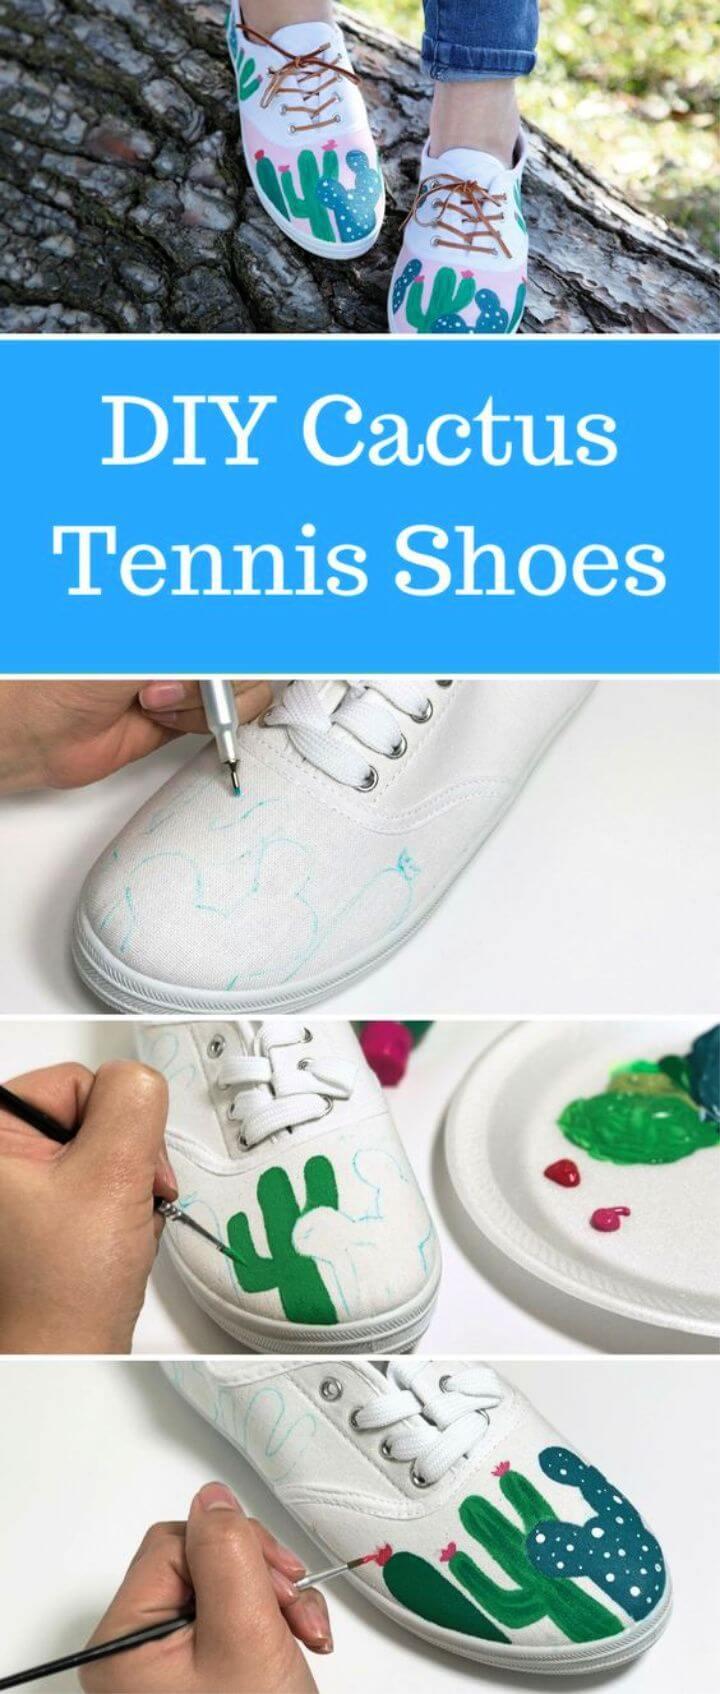 Cactus Tennis Shoes Tutorial